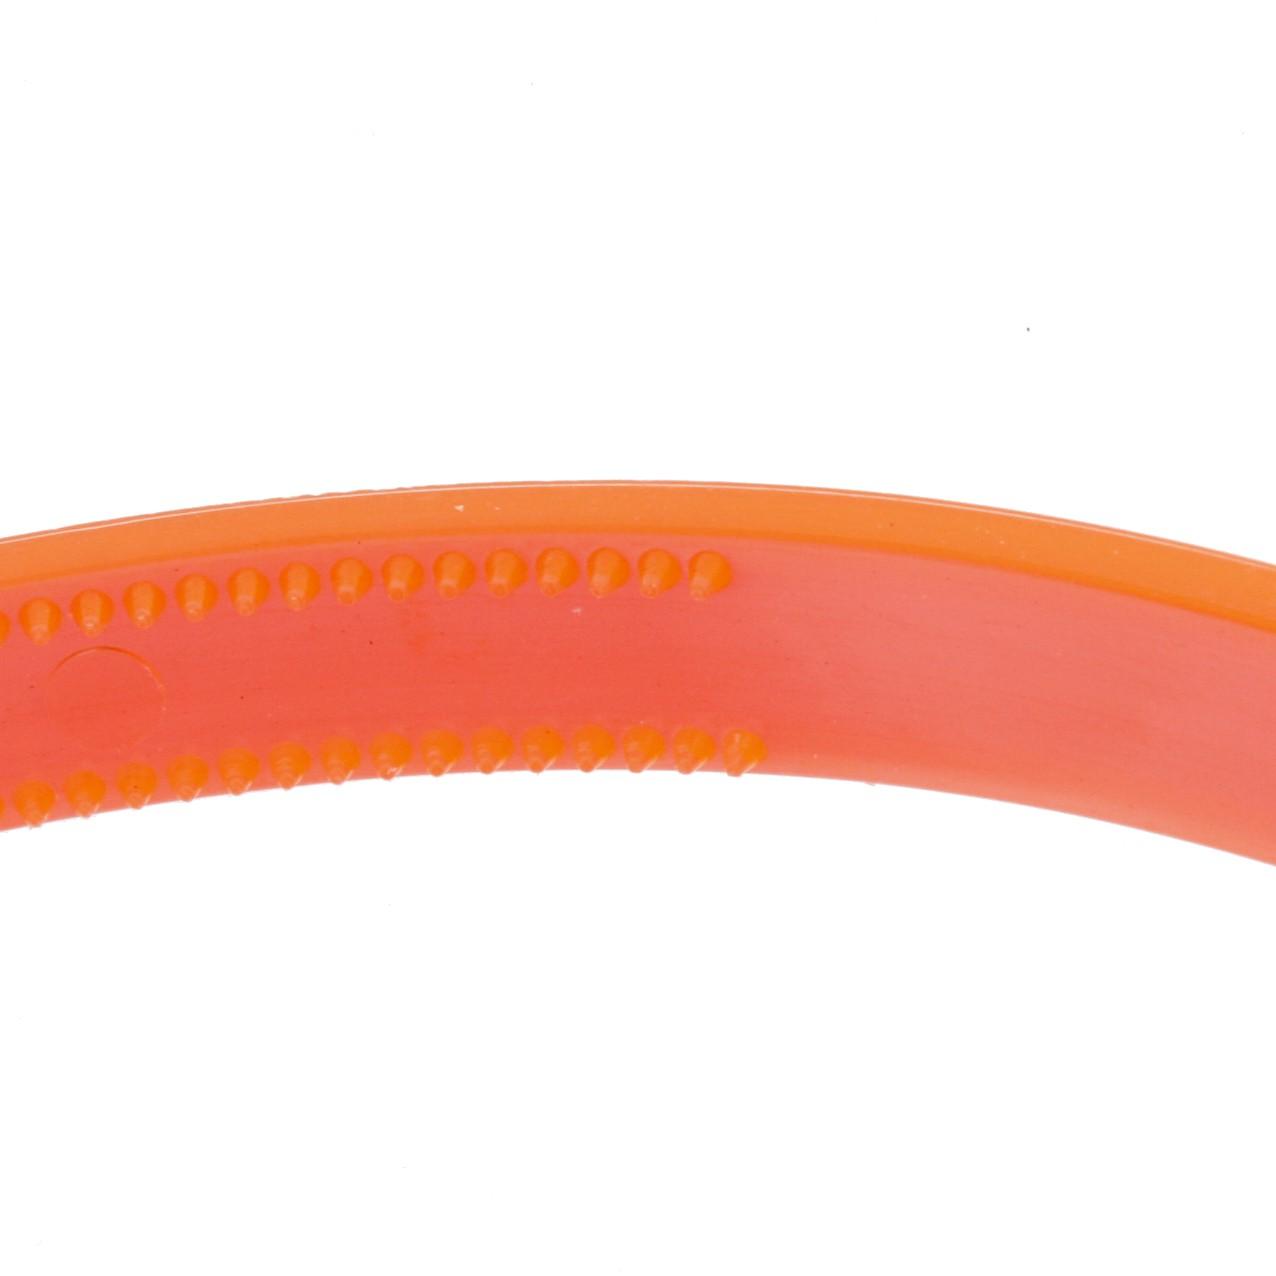 Tiara Plástica com Dentinhos - Laranja Neon - 10mm  - Stéphanie Bijoux® - Peças para Bijuterias e Artesanato